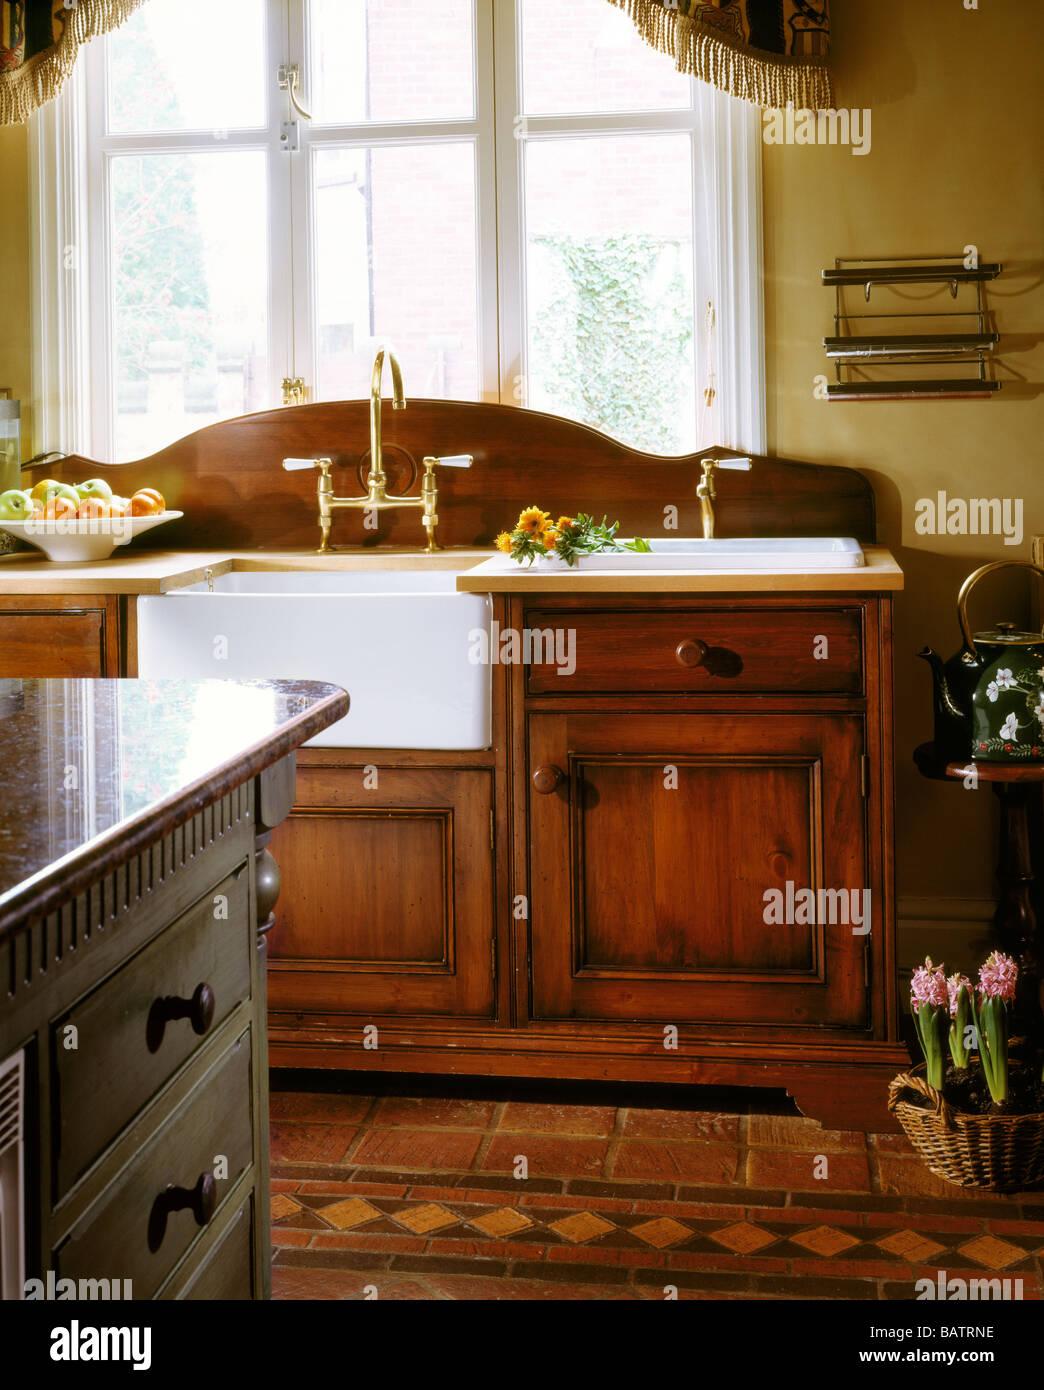 Butler Sink Imágenes De Stock & Butler Sink Fotos De Stock - Alamy